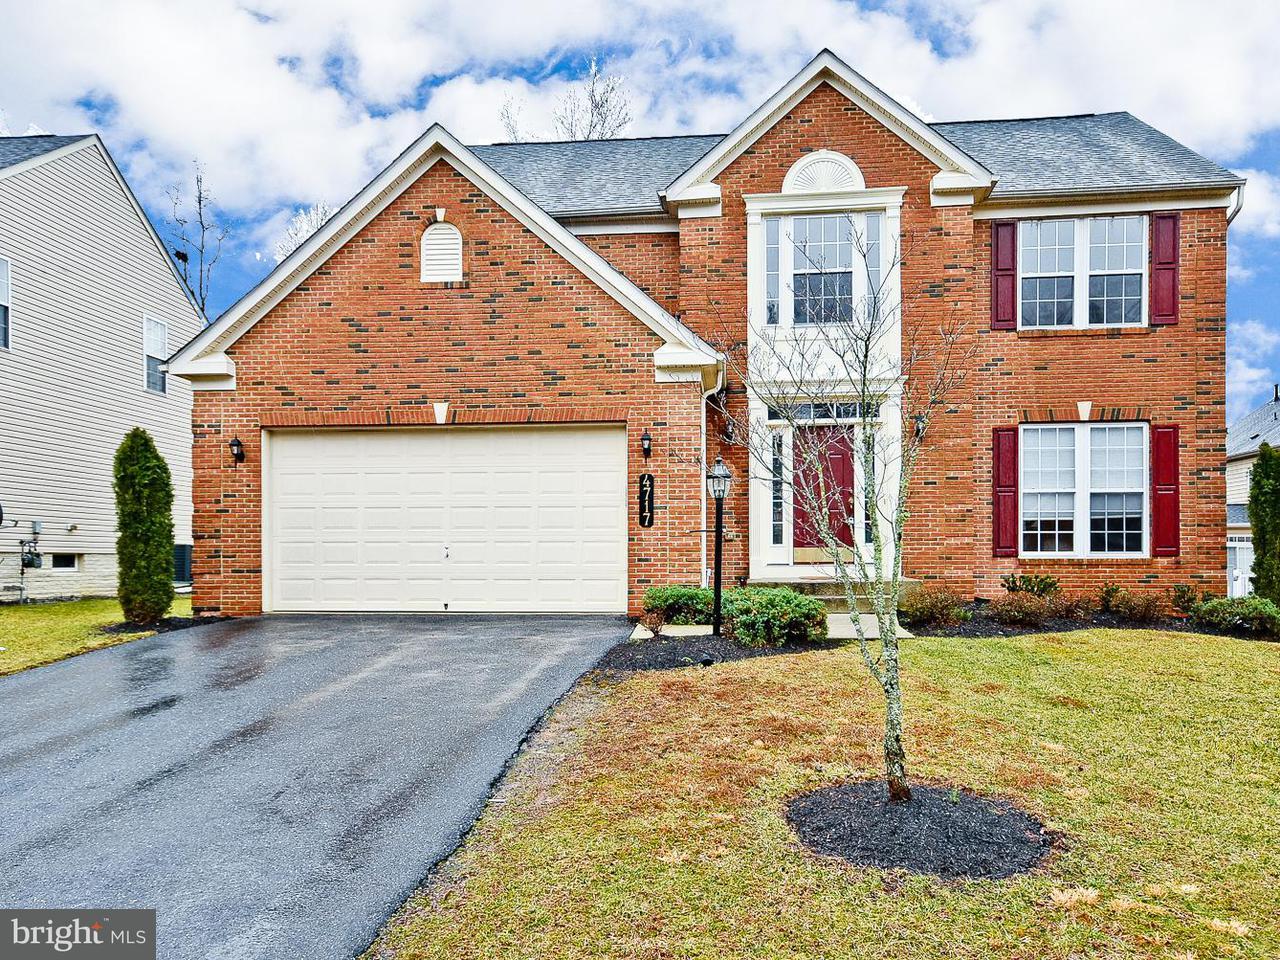 Casa Unifamiliar por un Venta en 4717 River Creek Ter 4717 River Creek Ter Beltsville, Maryland 20705 Estados Unidos